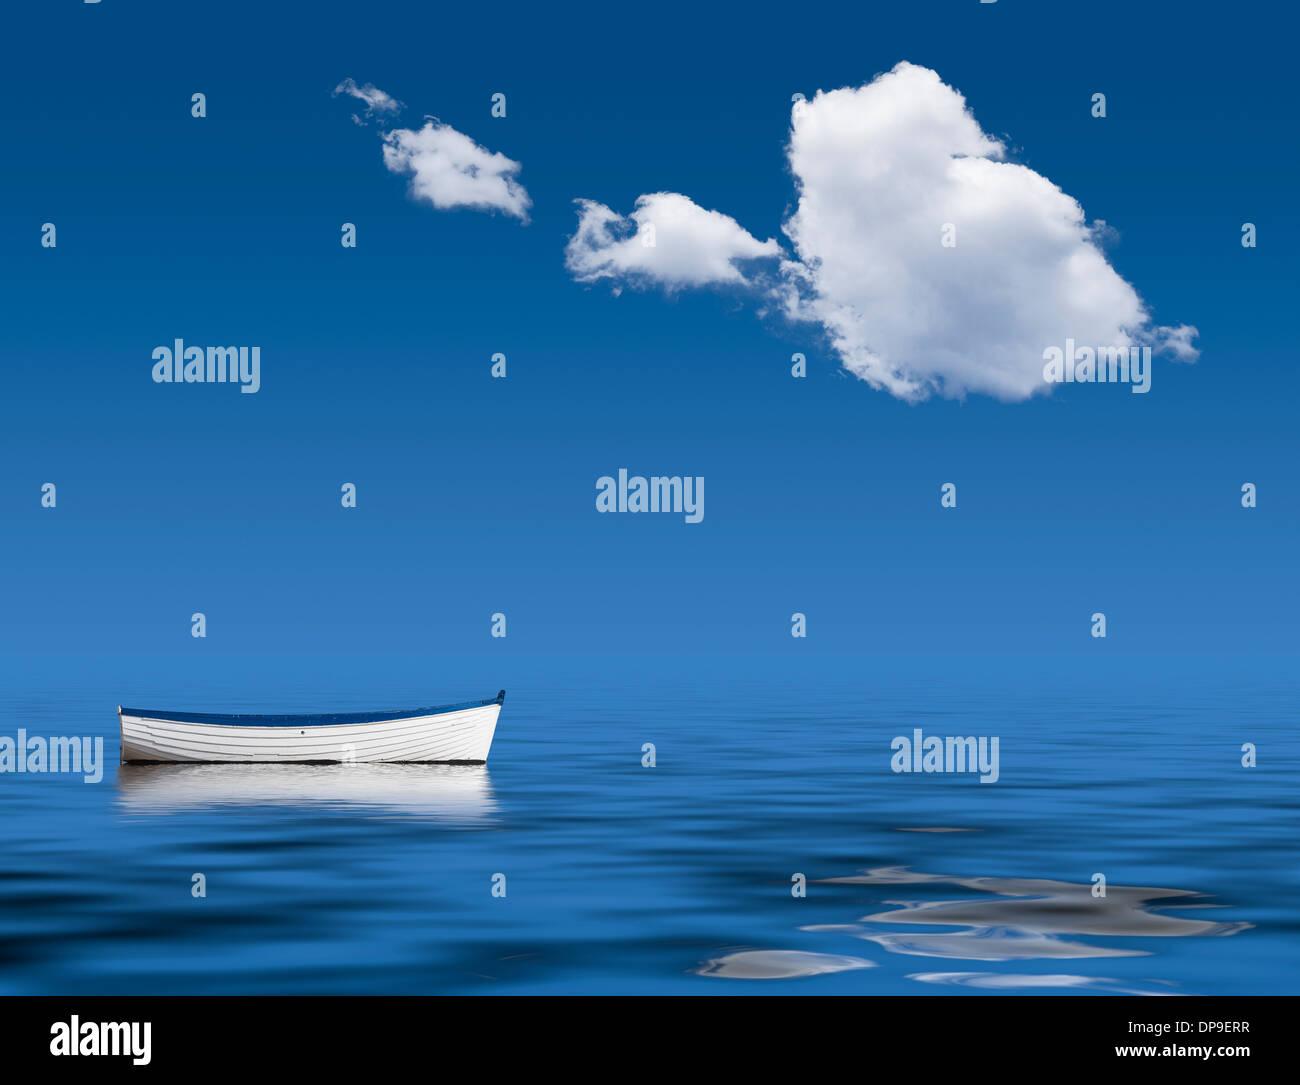 Solo en barco en el océano - La paz, la tranquilidad, la soledad imagen concepto Imagen De Stock